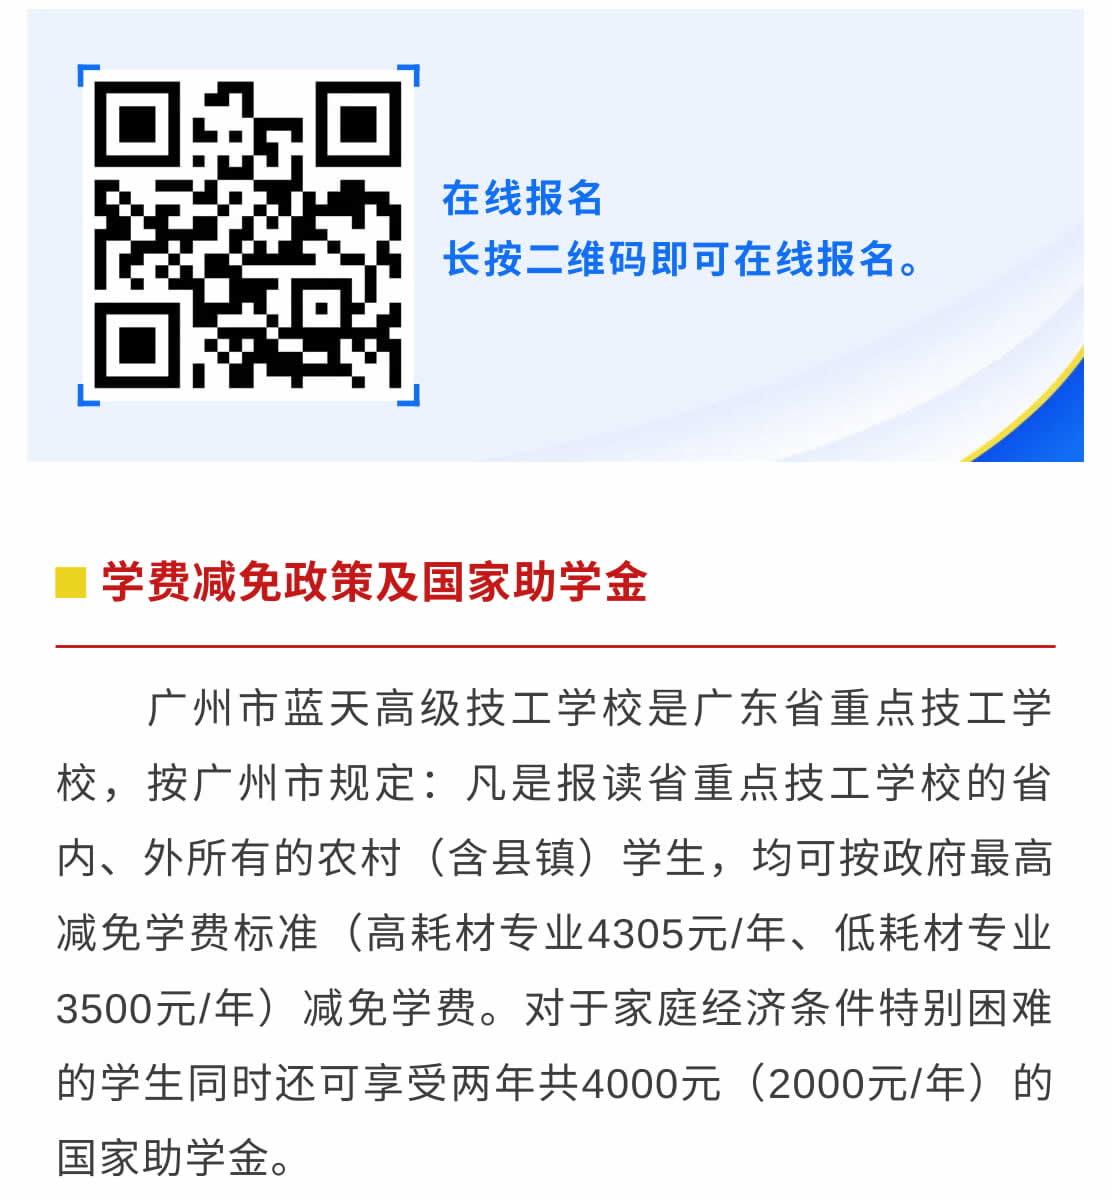 计算机网络应用(高中起点三年制)-1_r8_c1.jpg